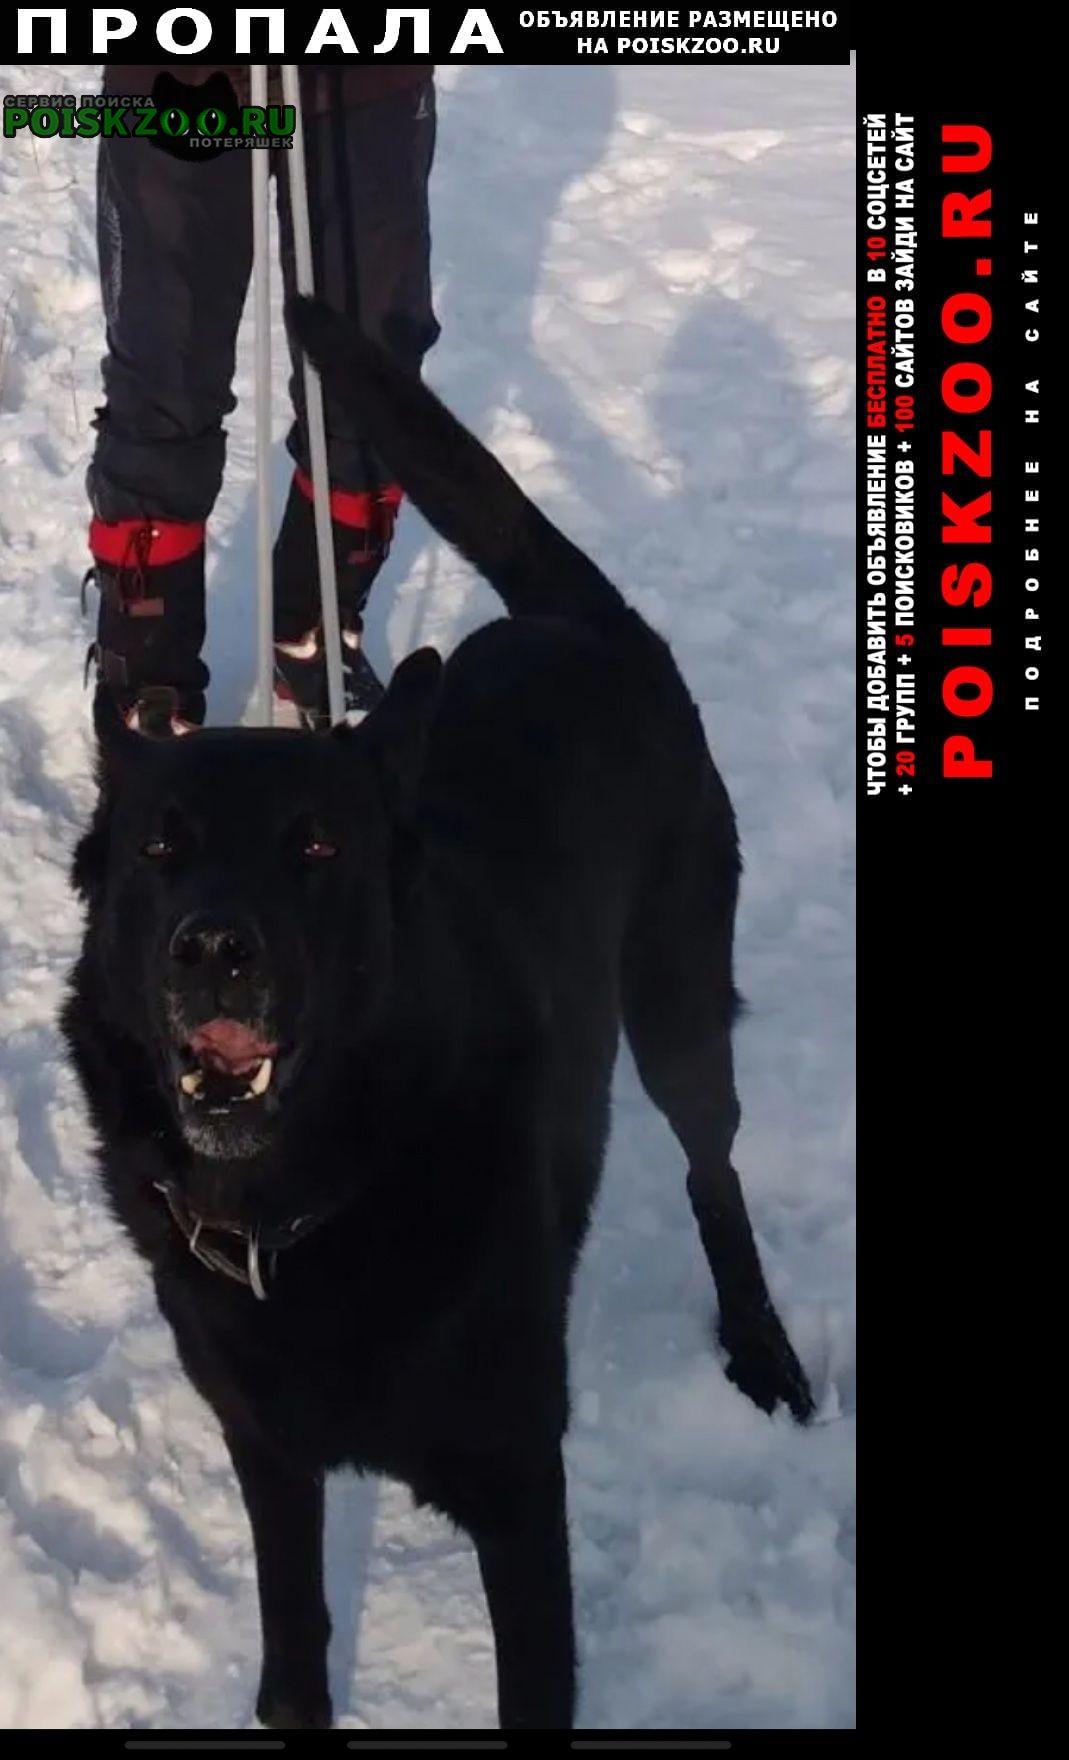 Пропала собака Хабаровск